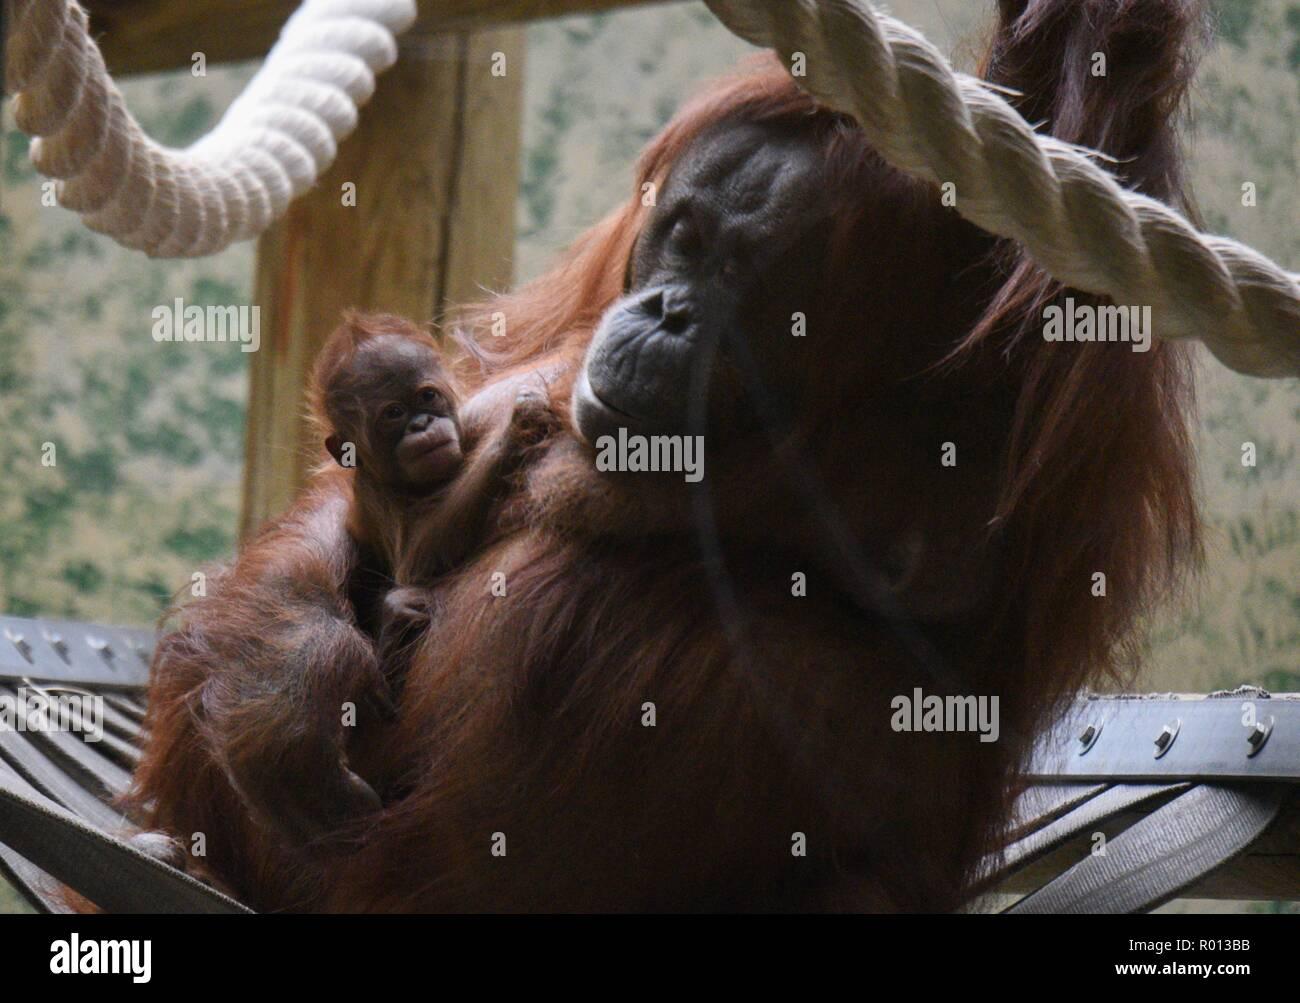 61cd83817bfa9 Oktober 26, 2018 - Paris, Frankreich: ein Orang-Utan-Weibchen mit ihrem  Baby im Zoo der Französischen ...